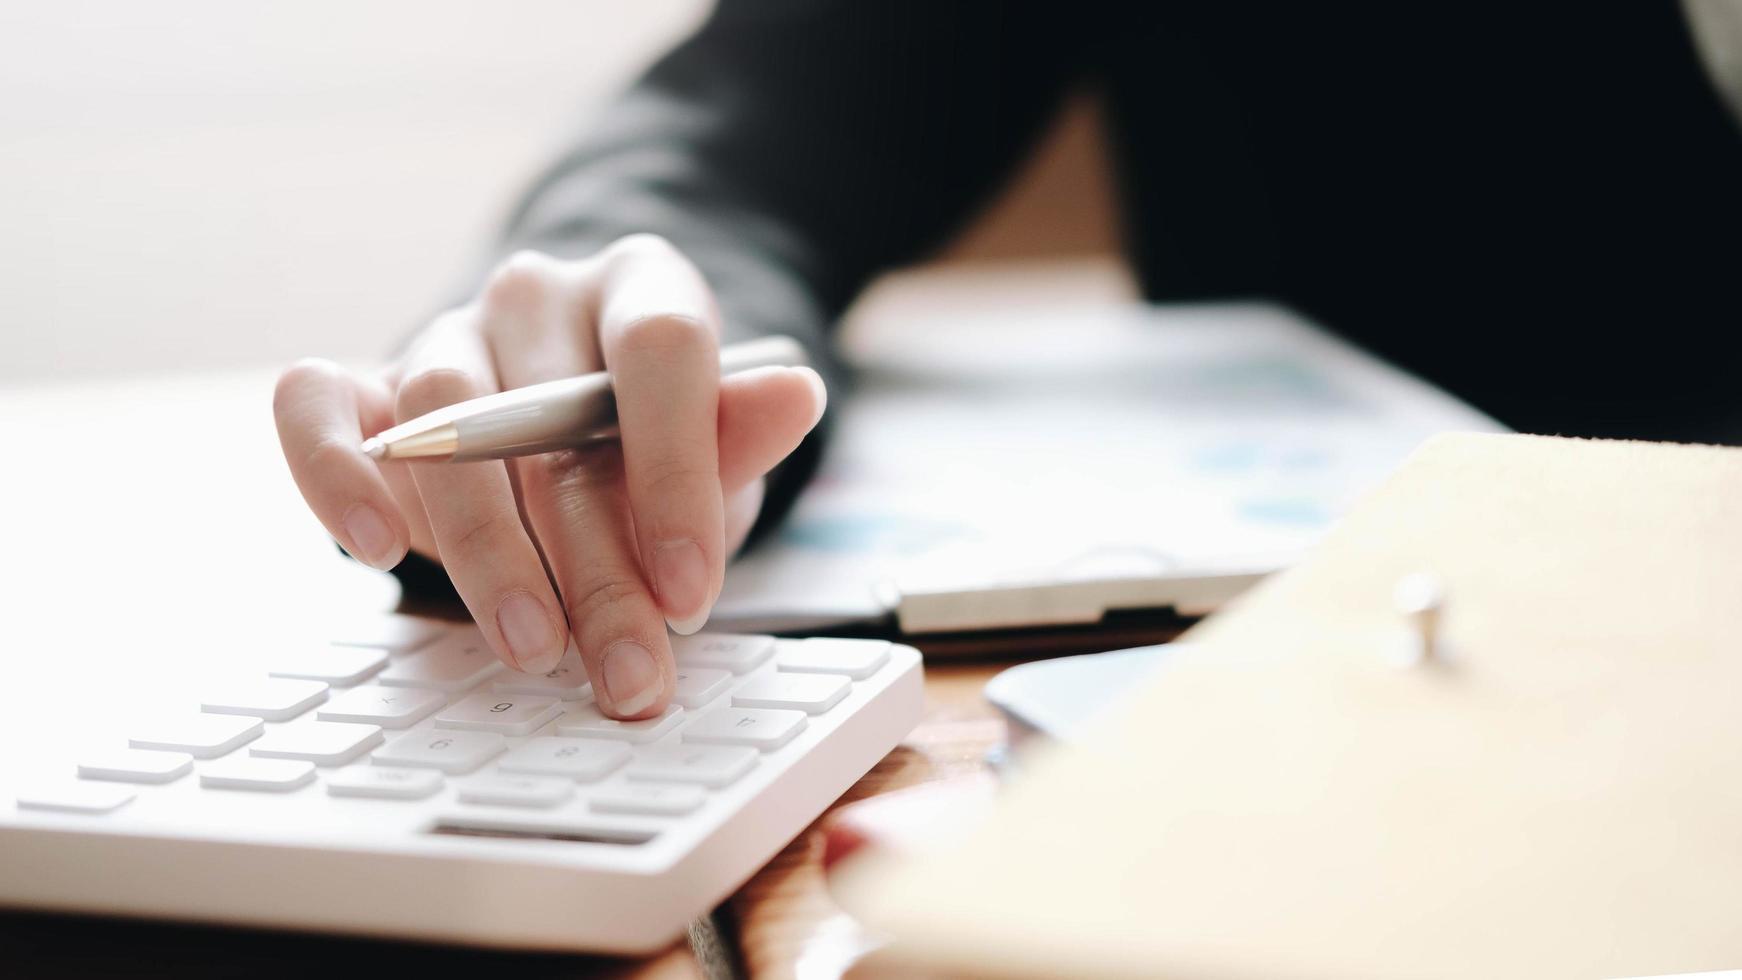 stretta di imprenditrice utilizzando la calcolatrice foto